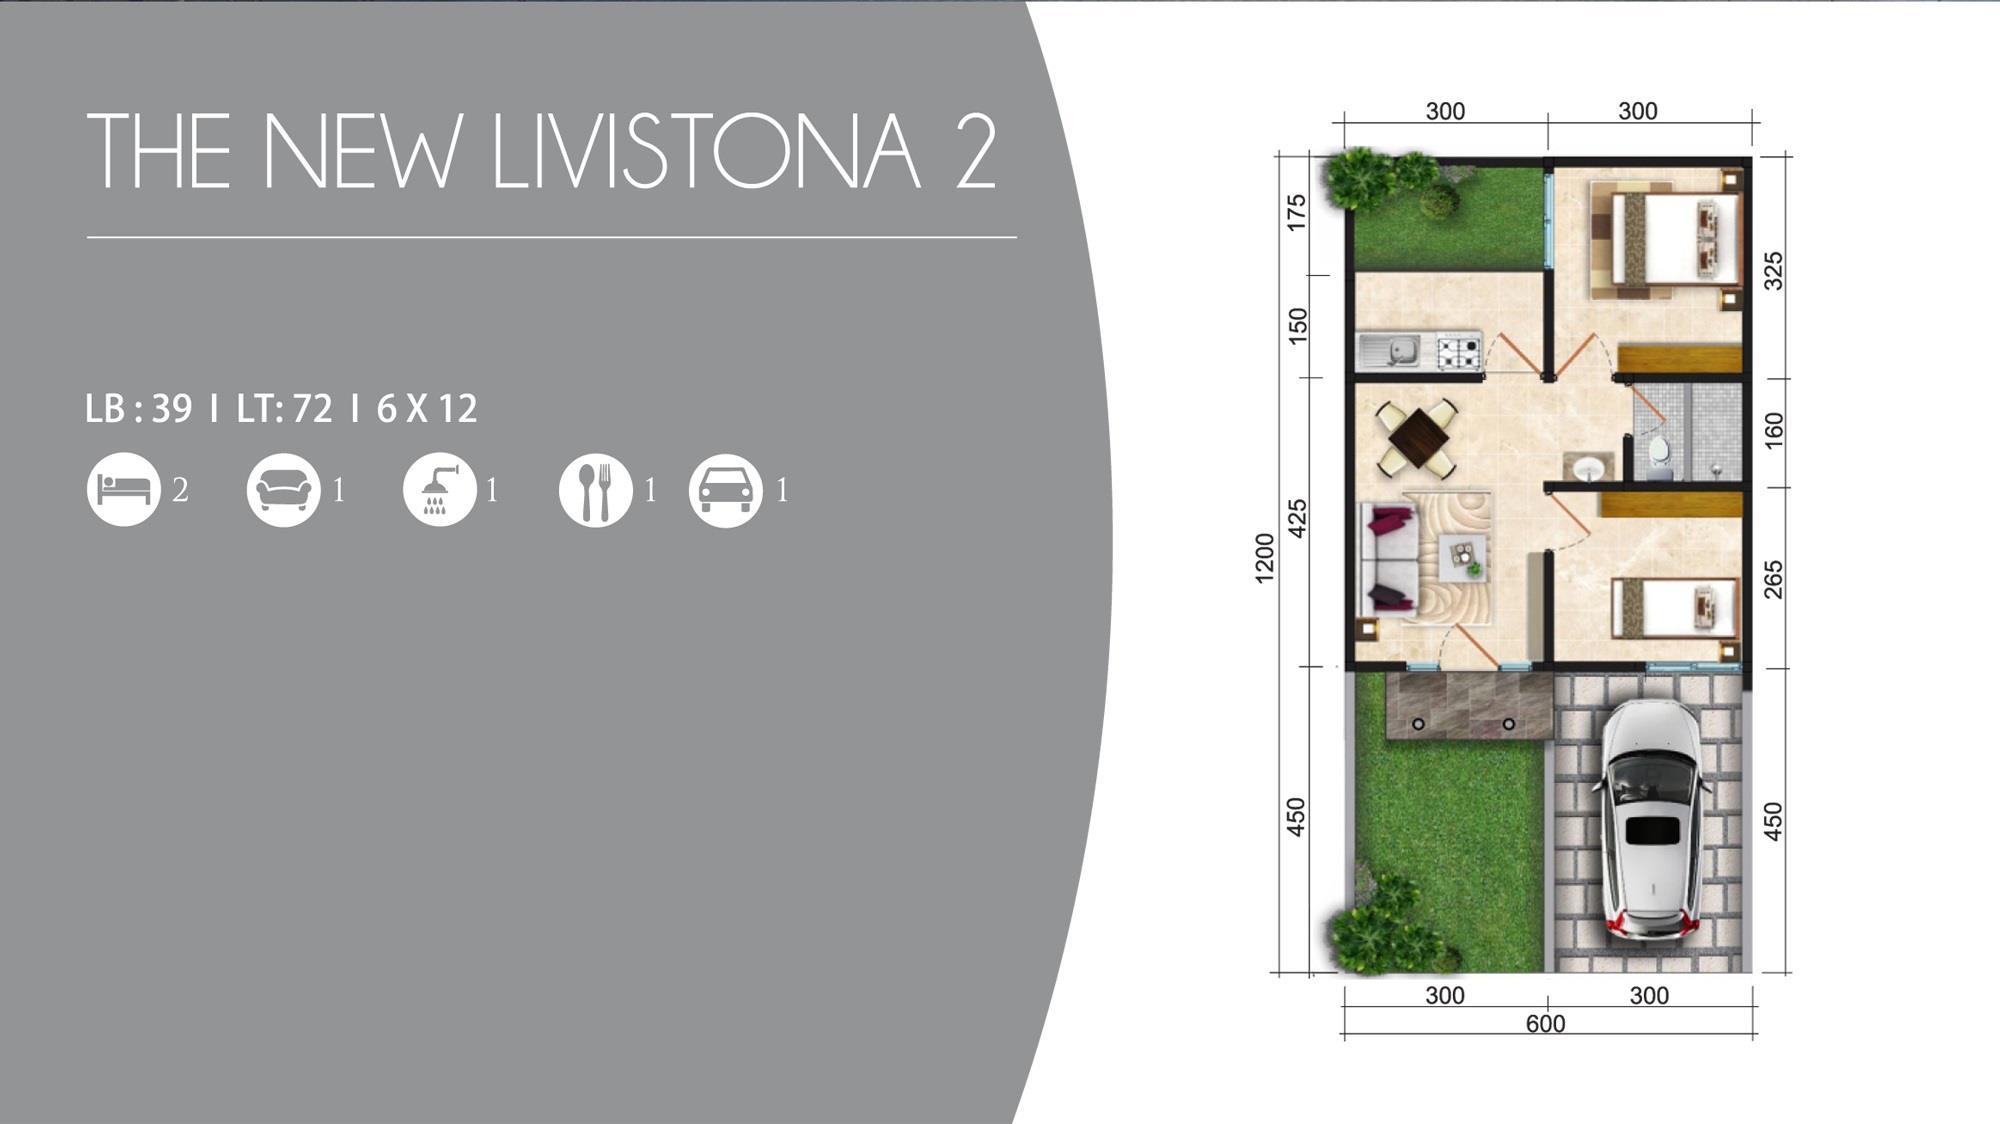 Denah The New Livistona